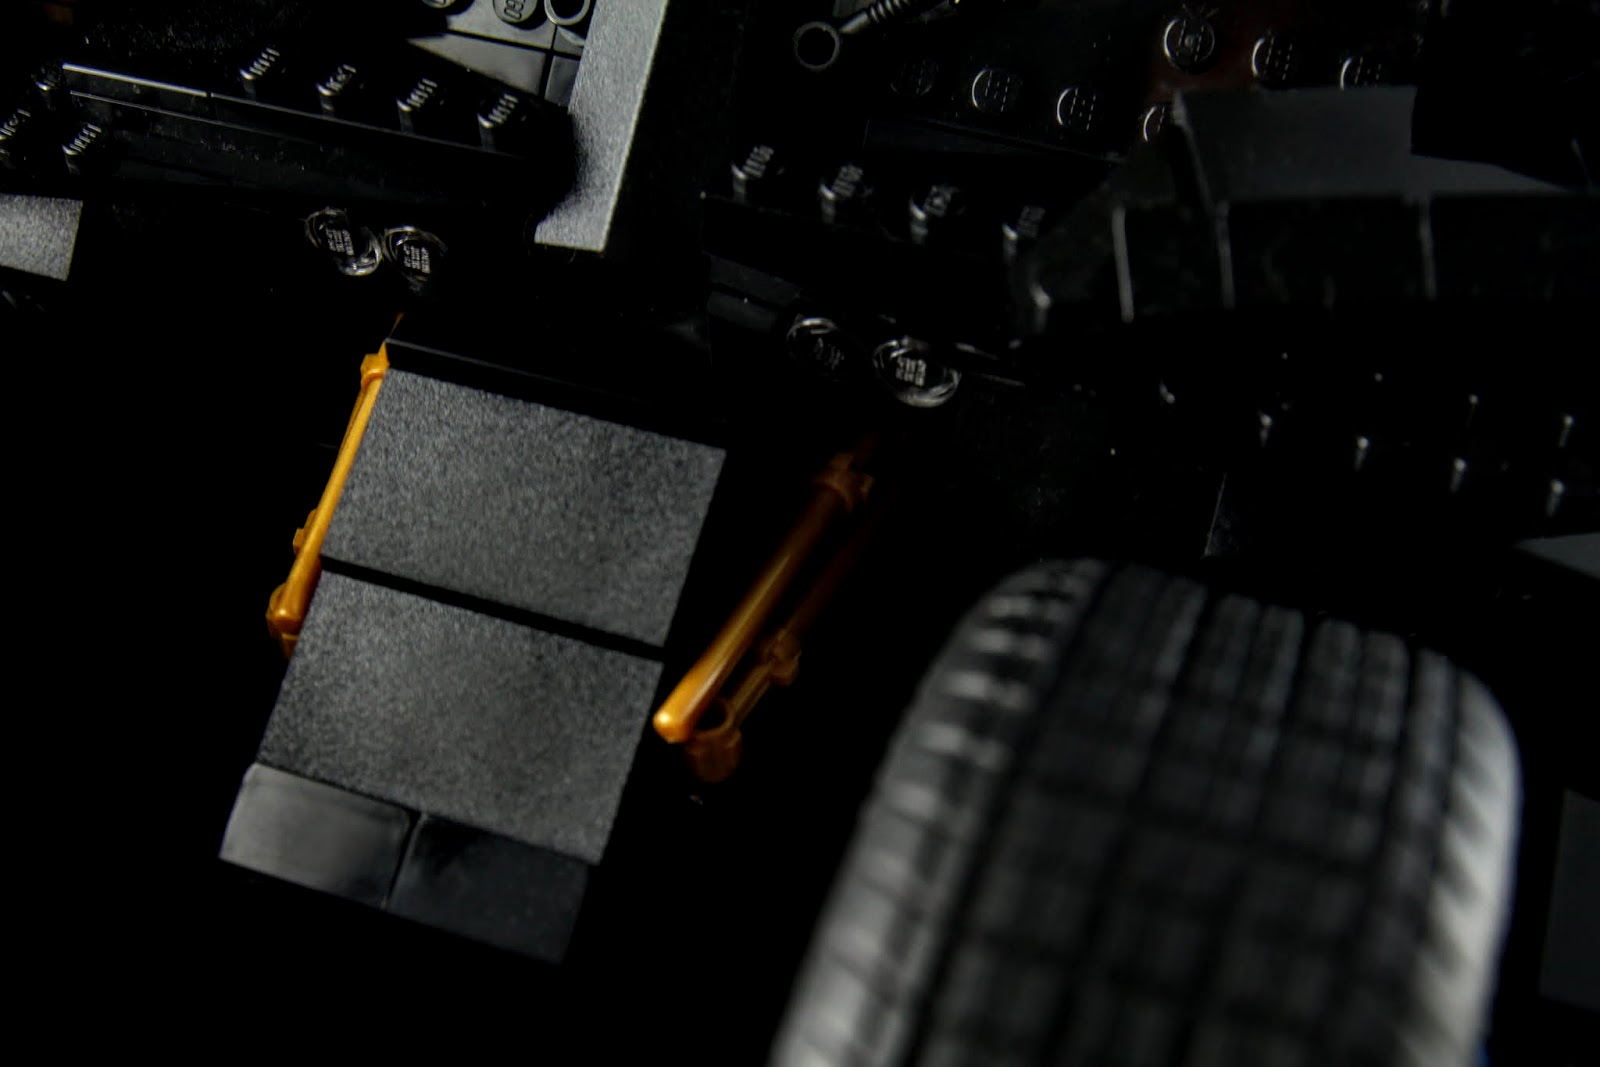 車頭的避震器~會不會有神人改造讓前輪真的能拆出一台BatPad啊?